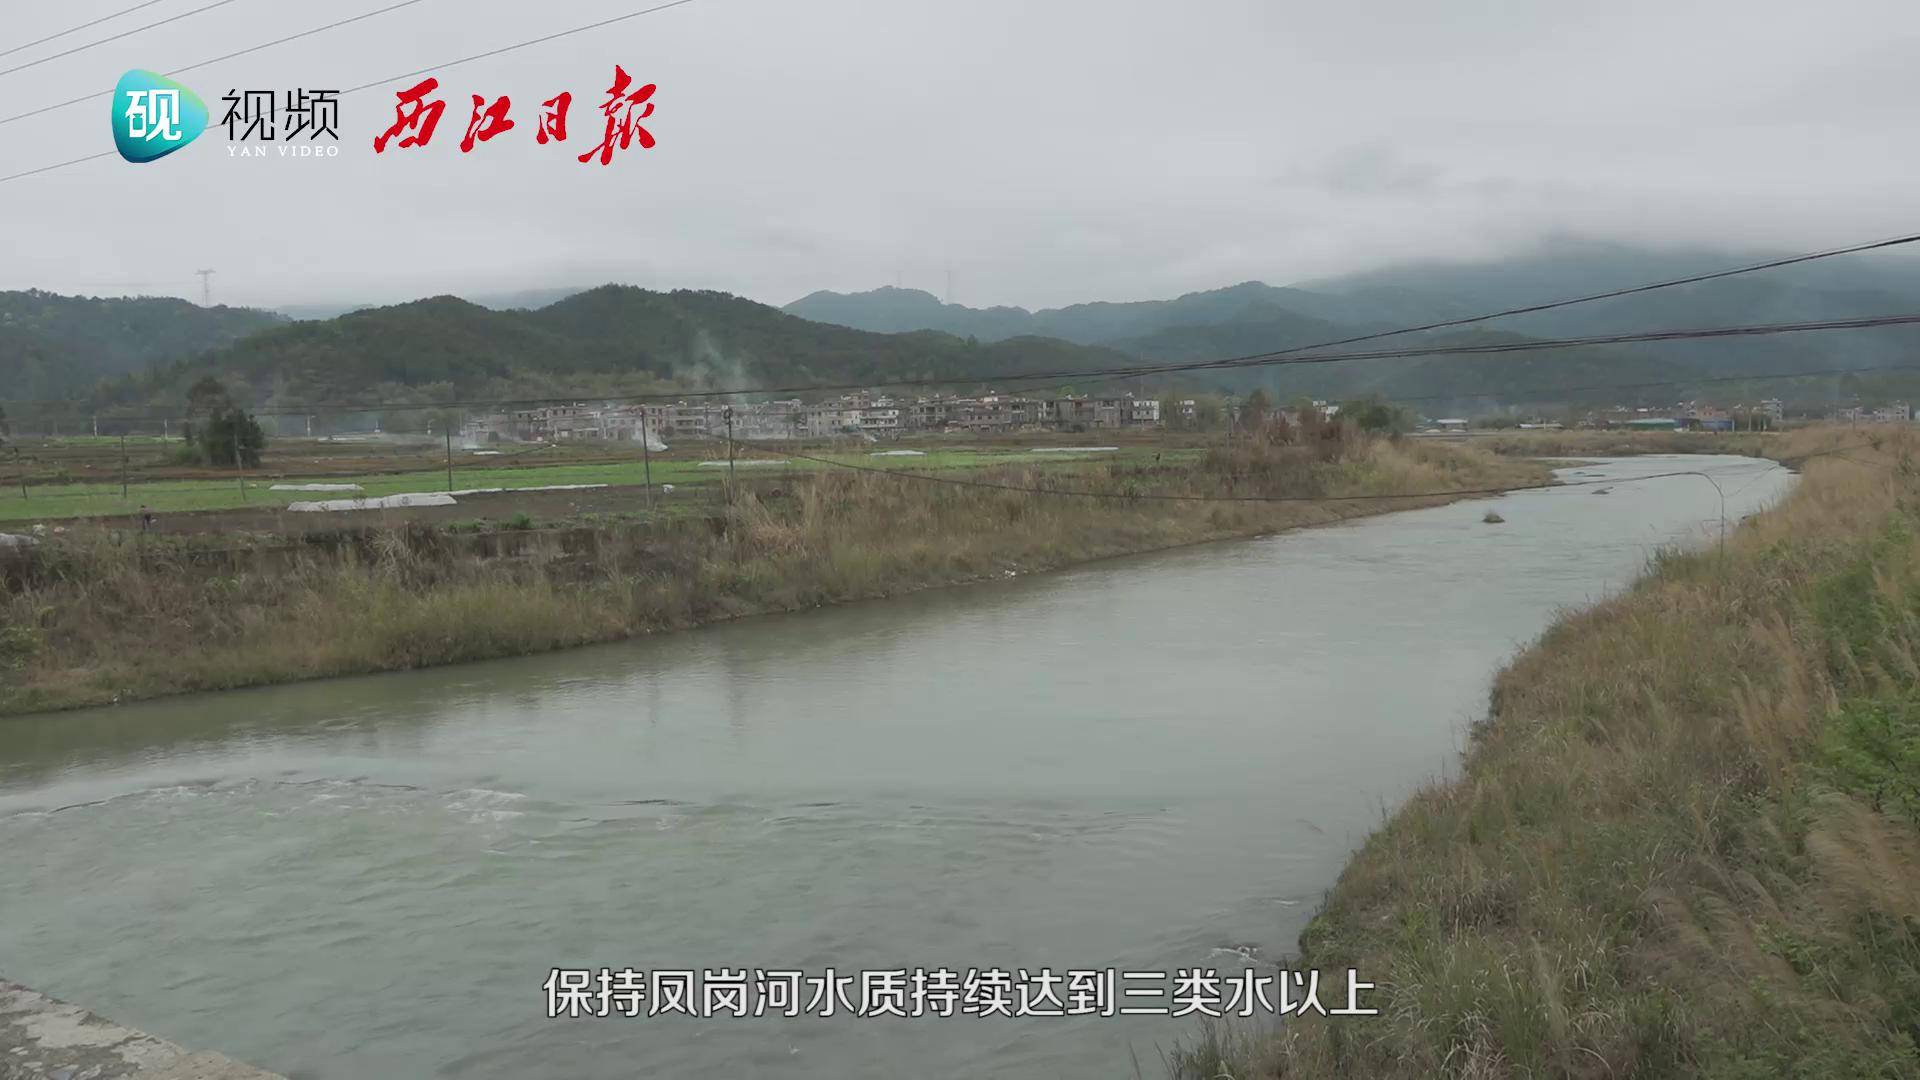 怀集凤岗河重现水清景美